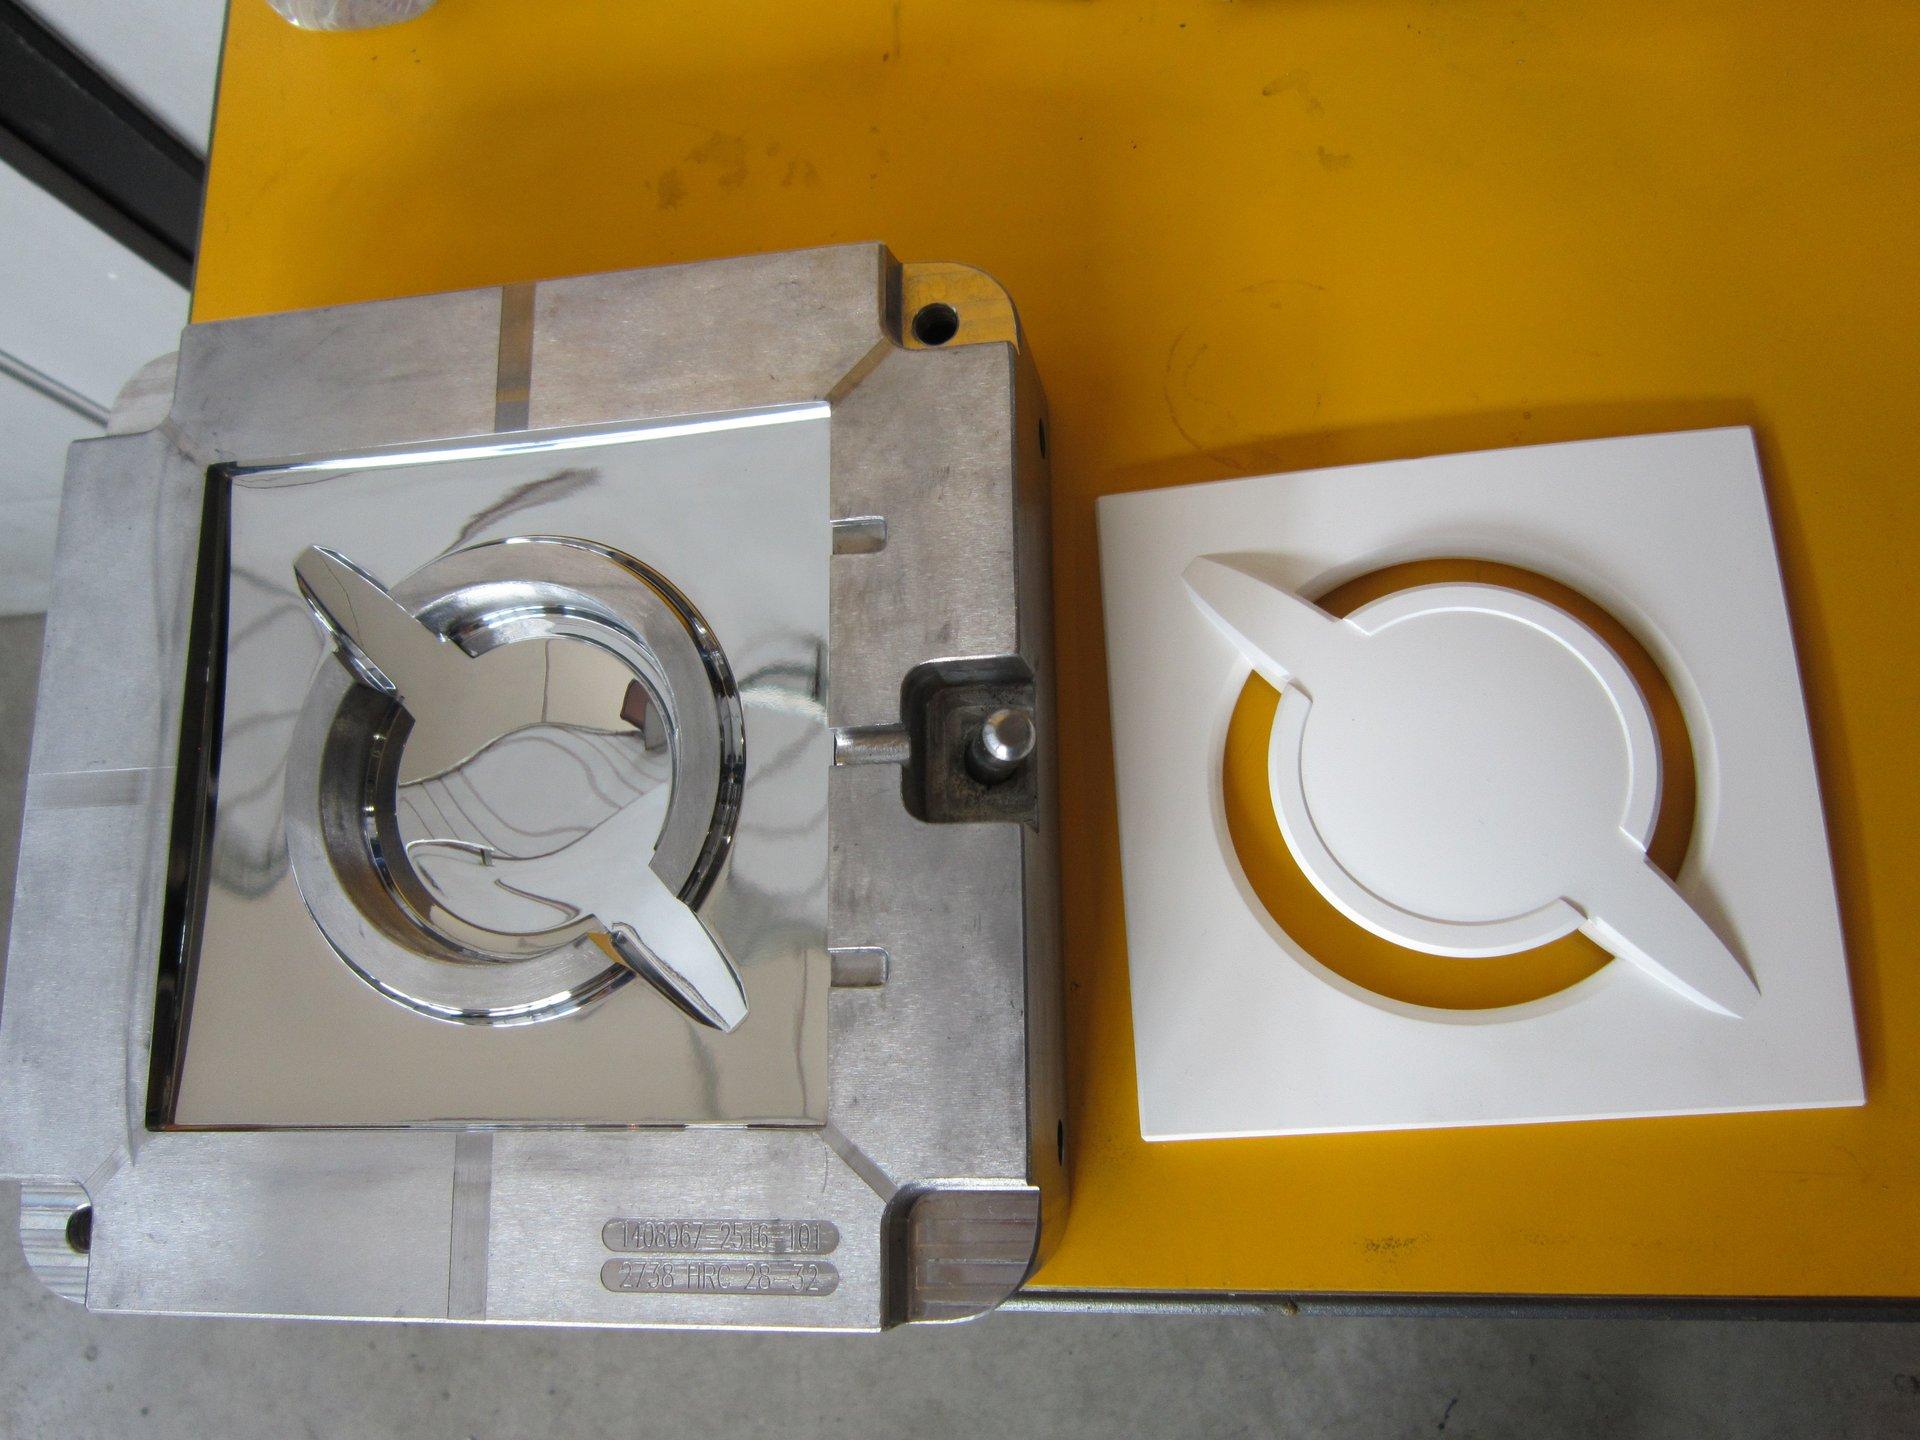 materiale metallico in lavorazione